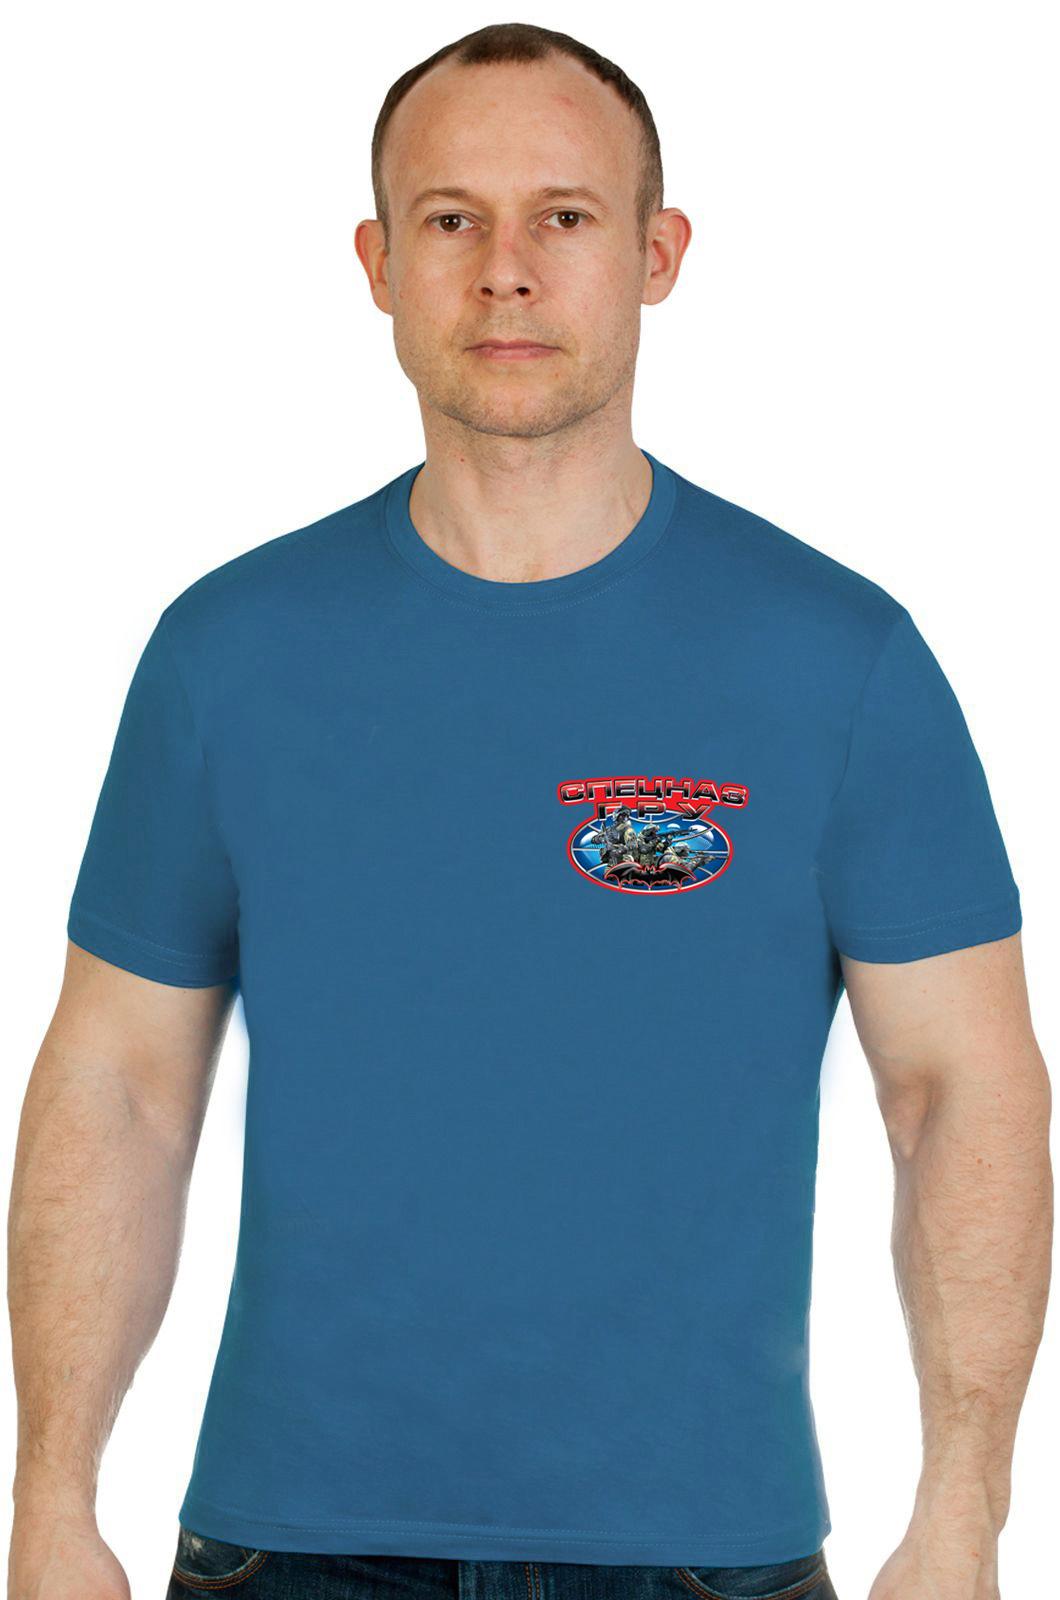 Заказать милитари футболку с символикой Спецназ ГРУ оптом